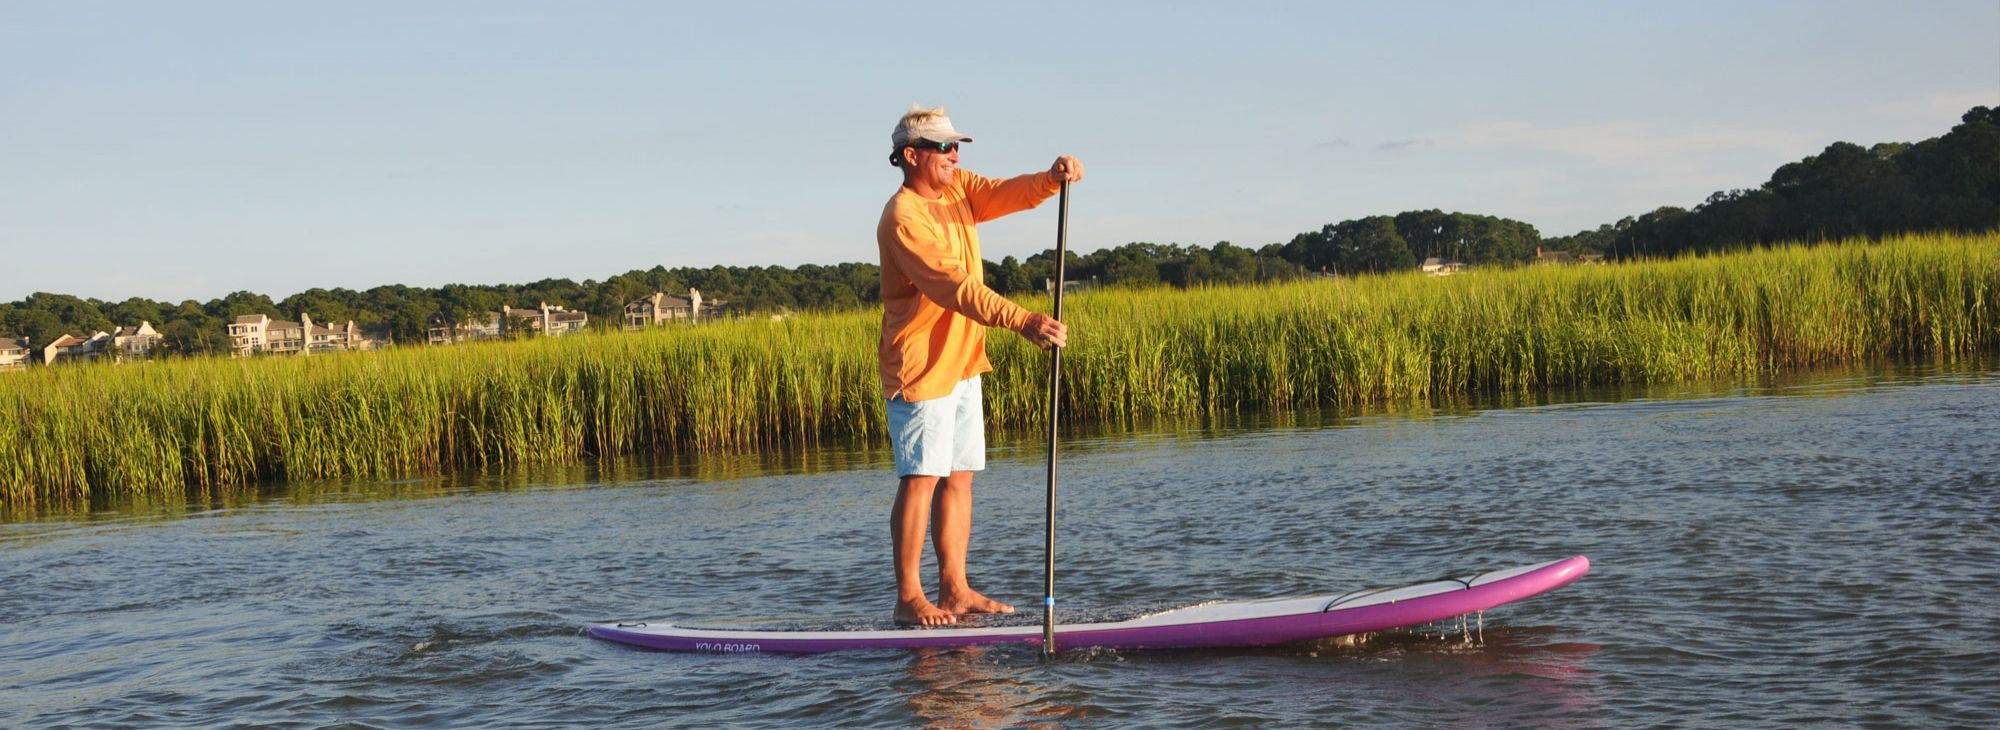 Hilton Head Water Sports Activities Hilton Head Paddle Boarding Water Sports Activities